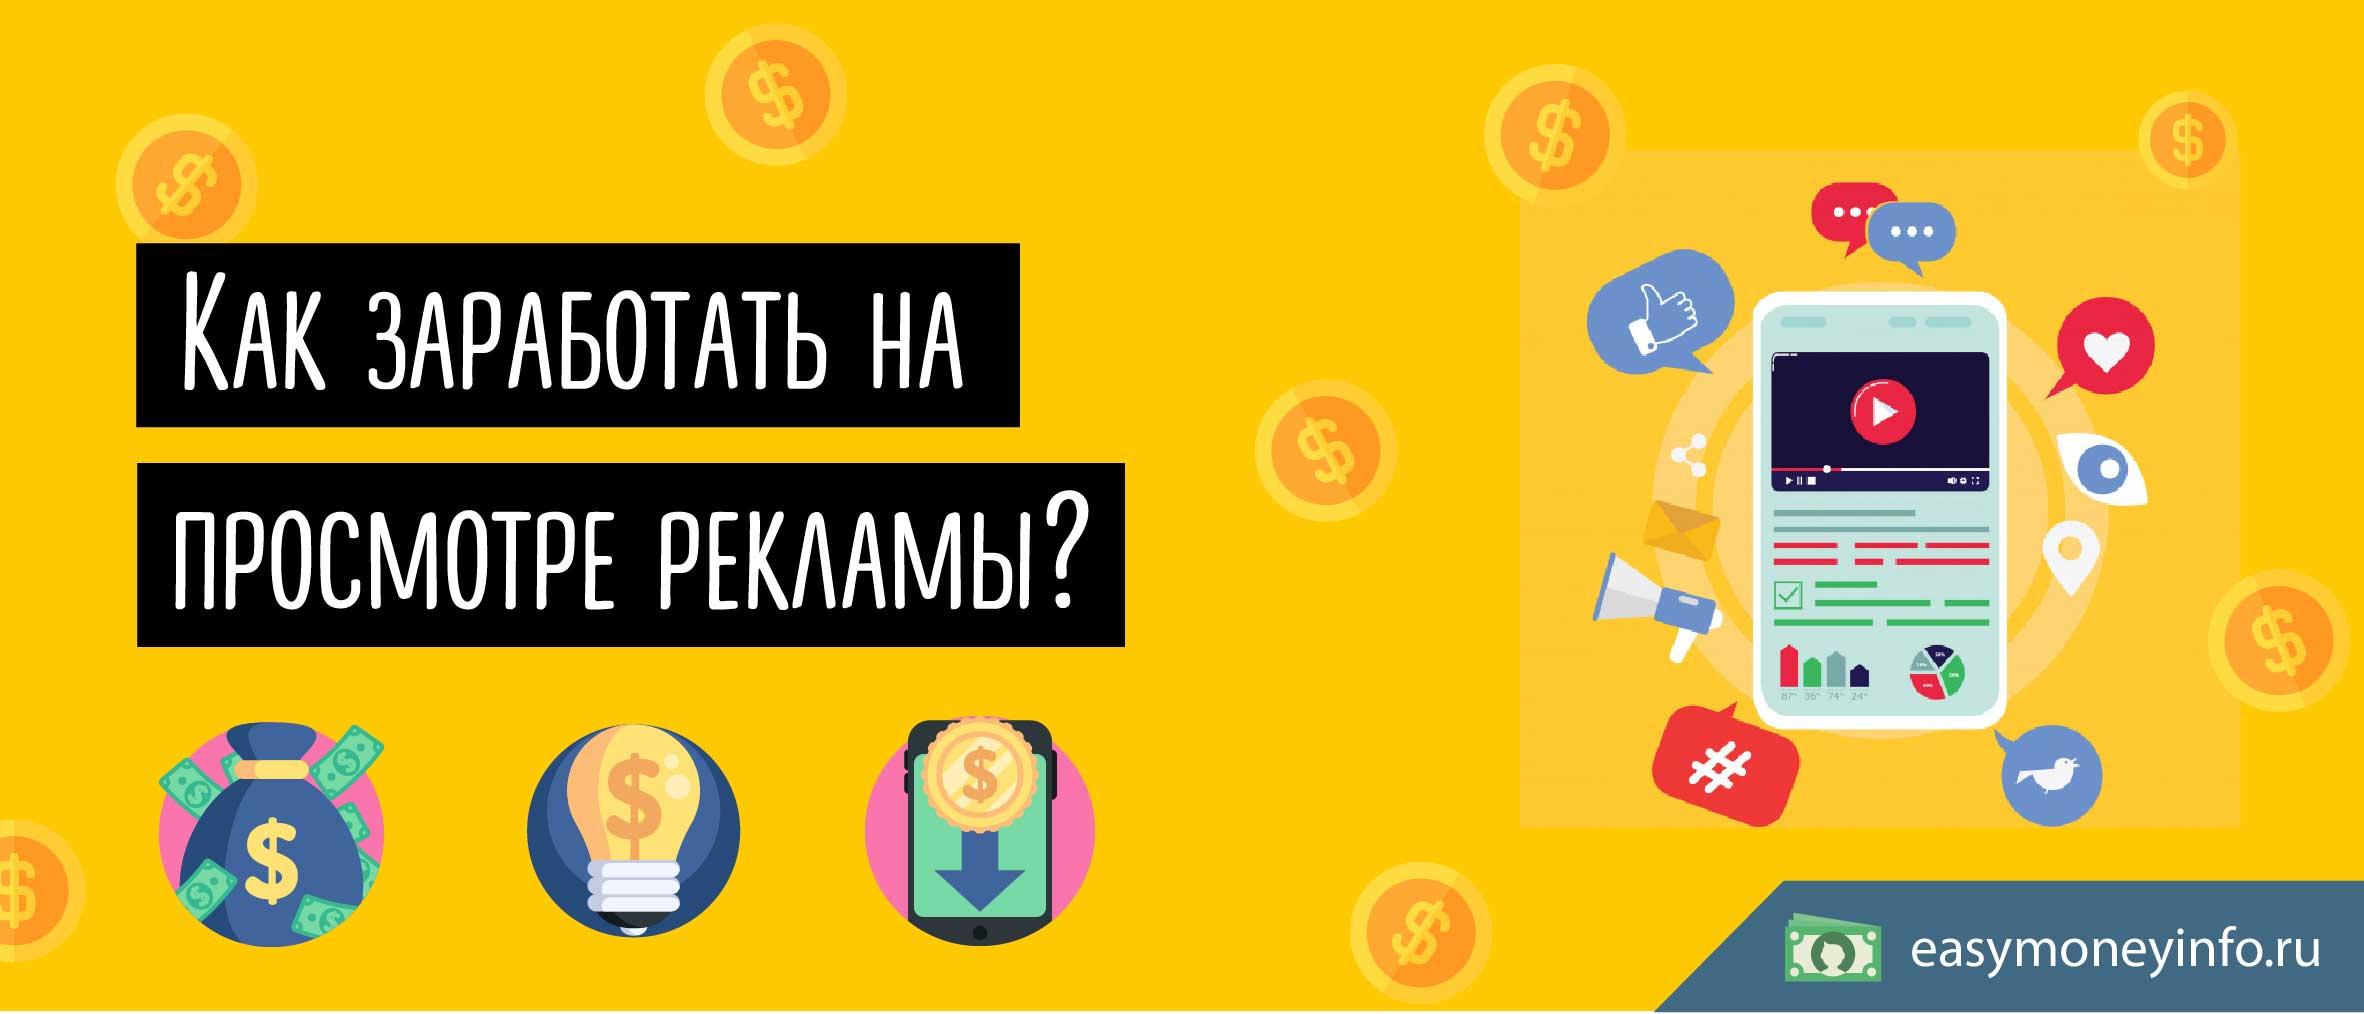 серфинг сайтов за деньги с выводом на яндекс деньги